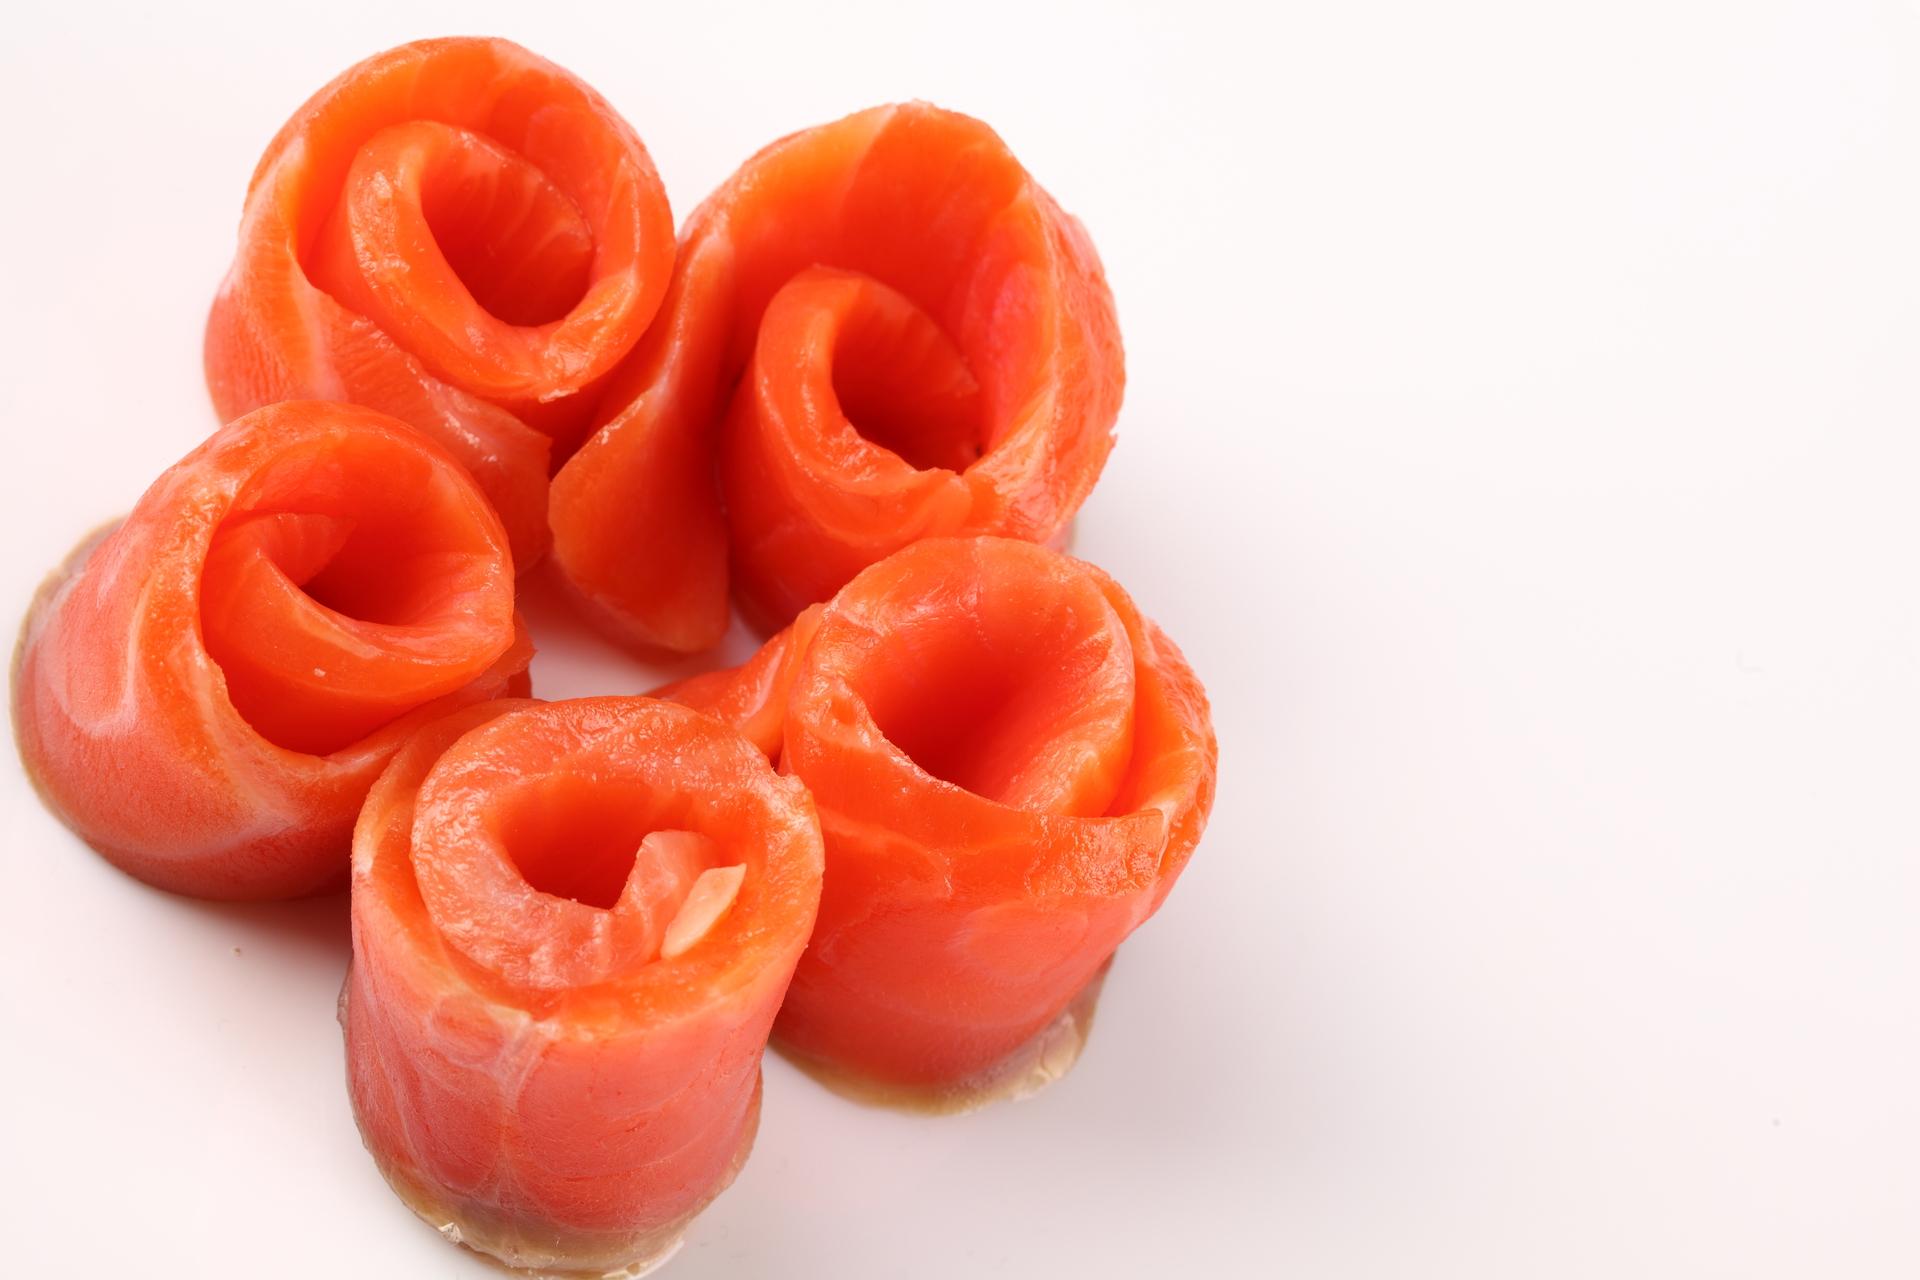 Polémico y lujoso: el salmón rosado no sería un alimento saludable